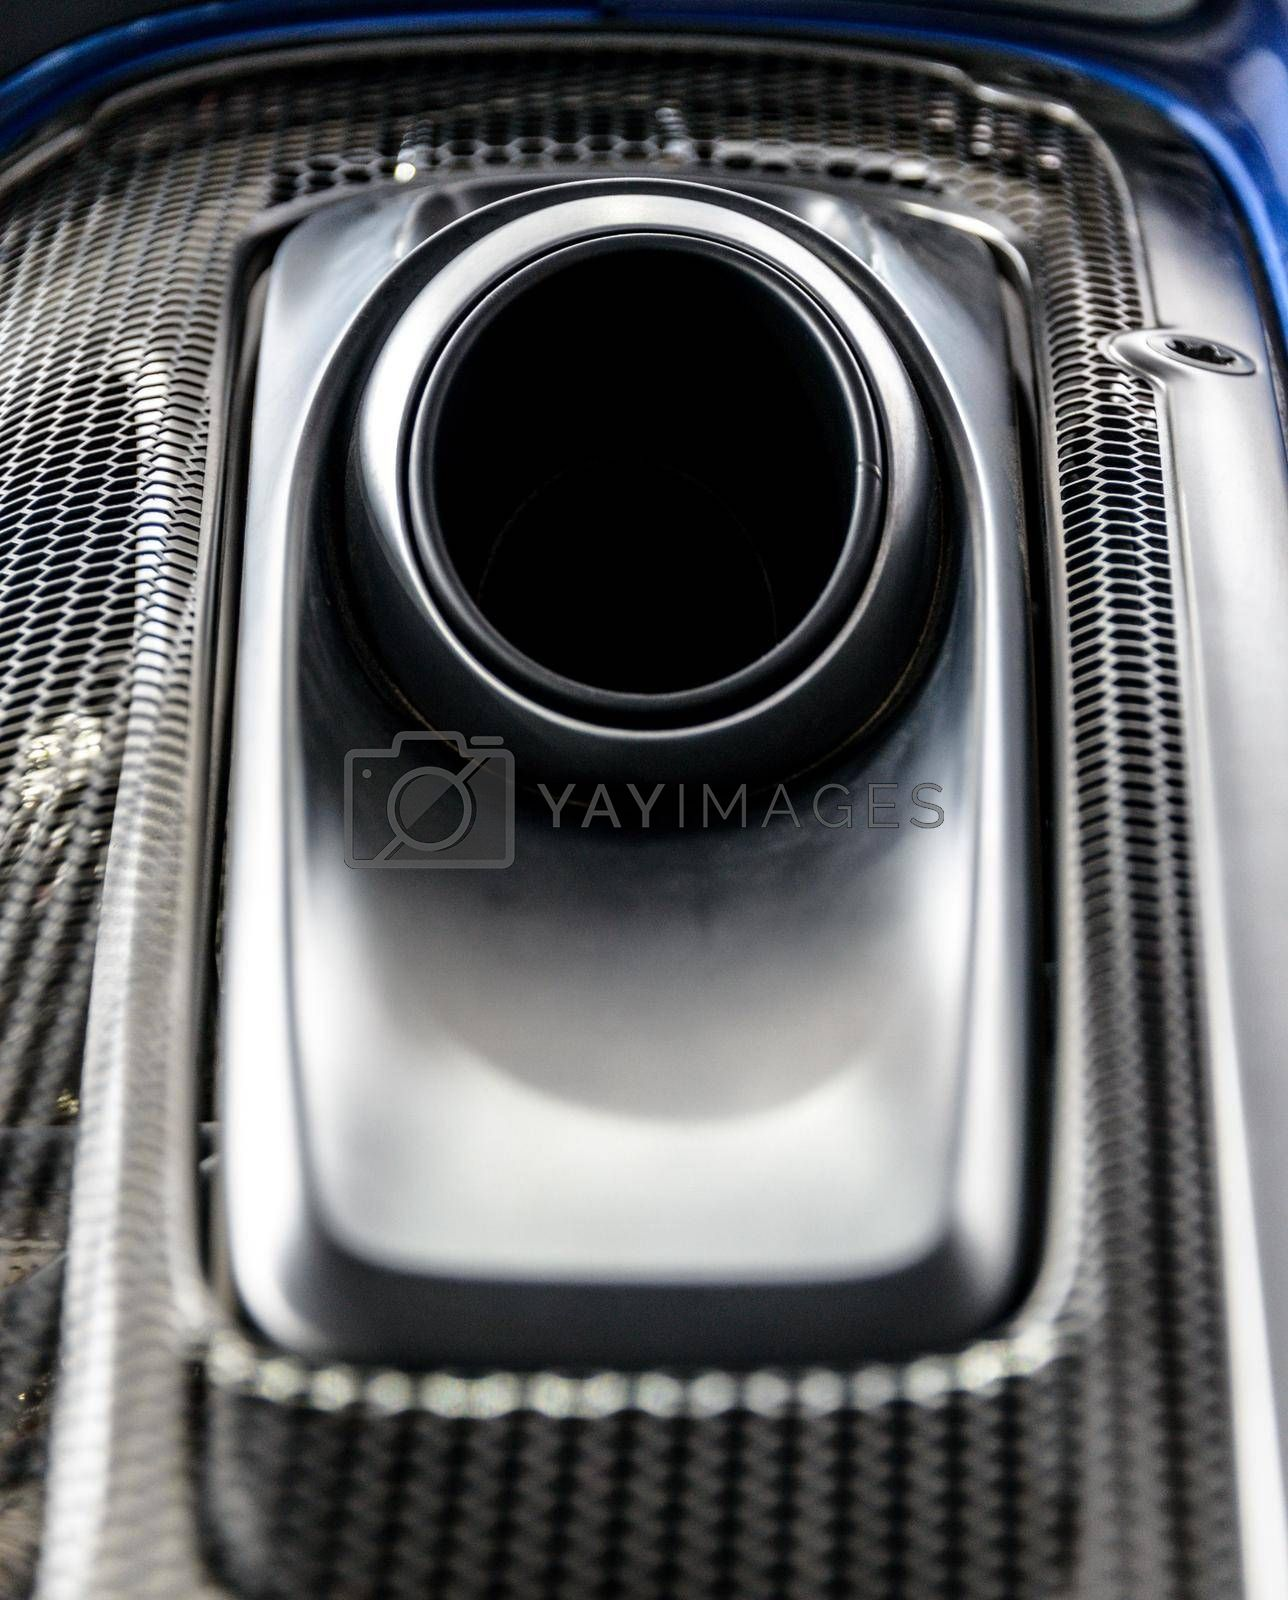 LONDON, UK - CIRCA JUNE 2014: Porsche 918 Spyder top mounted exhaust system detail shot.